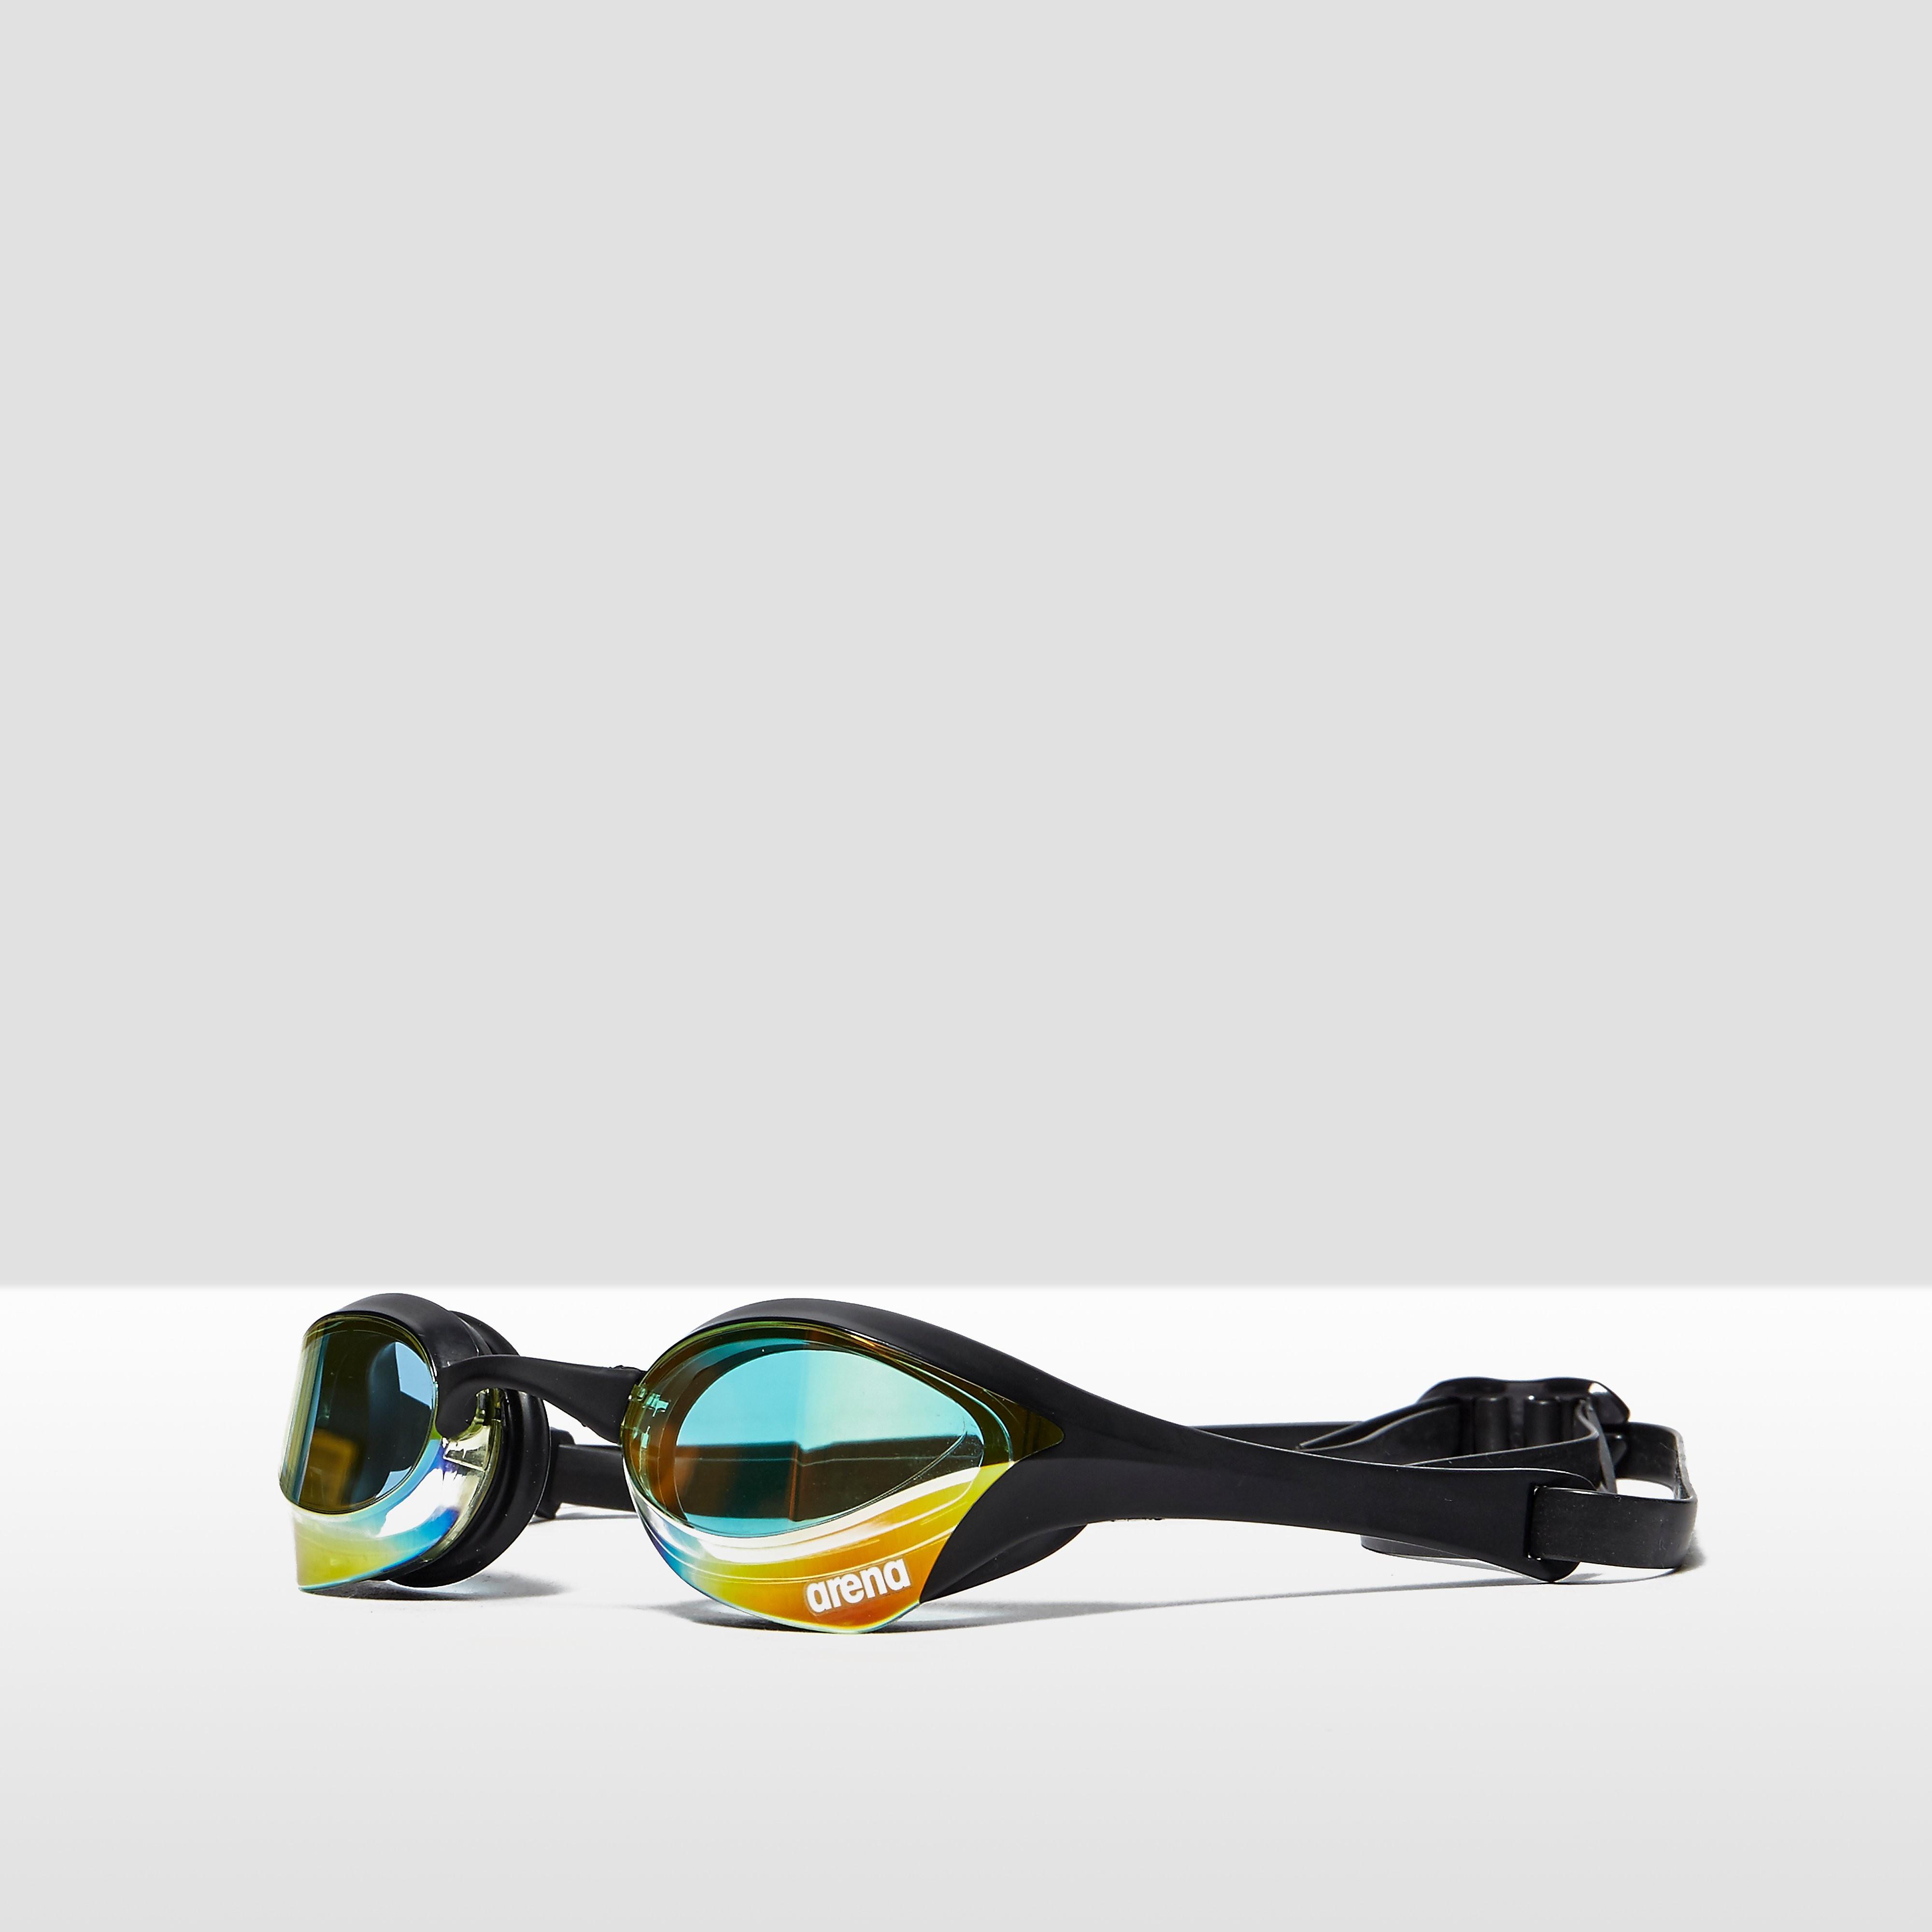 Arena Cobra Ultra Mirror Goggles